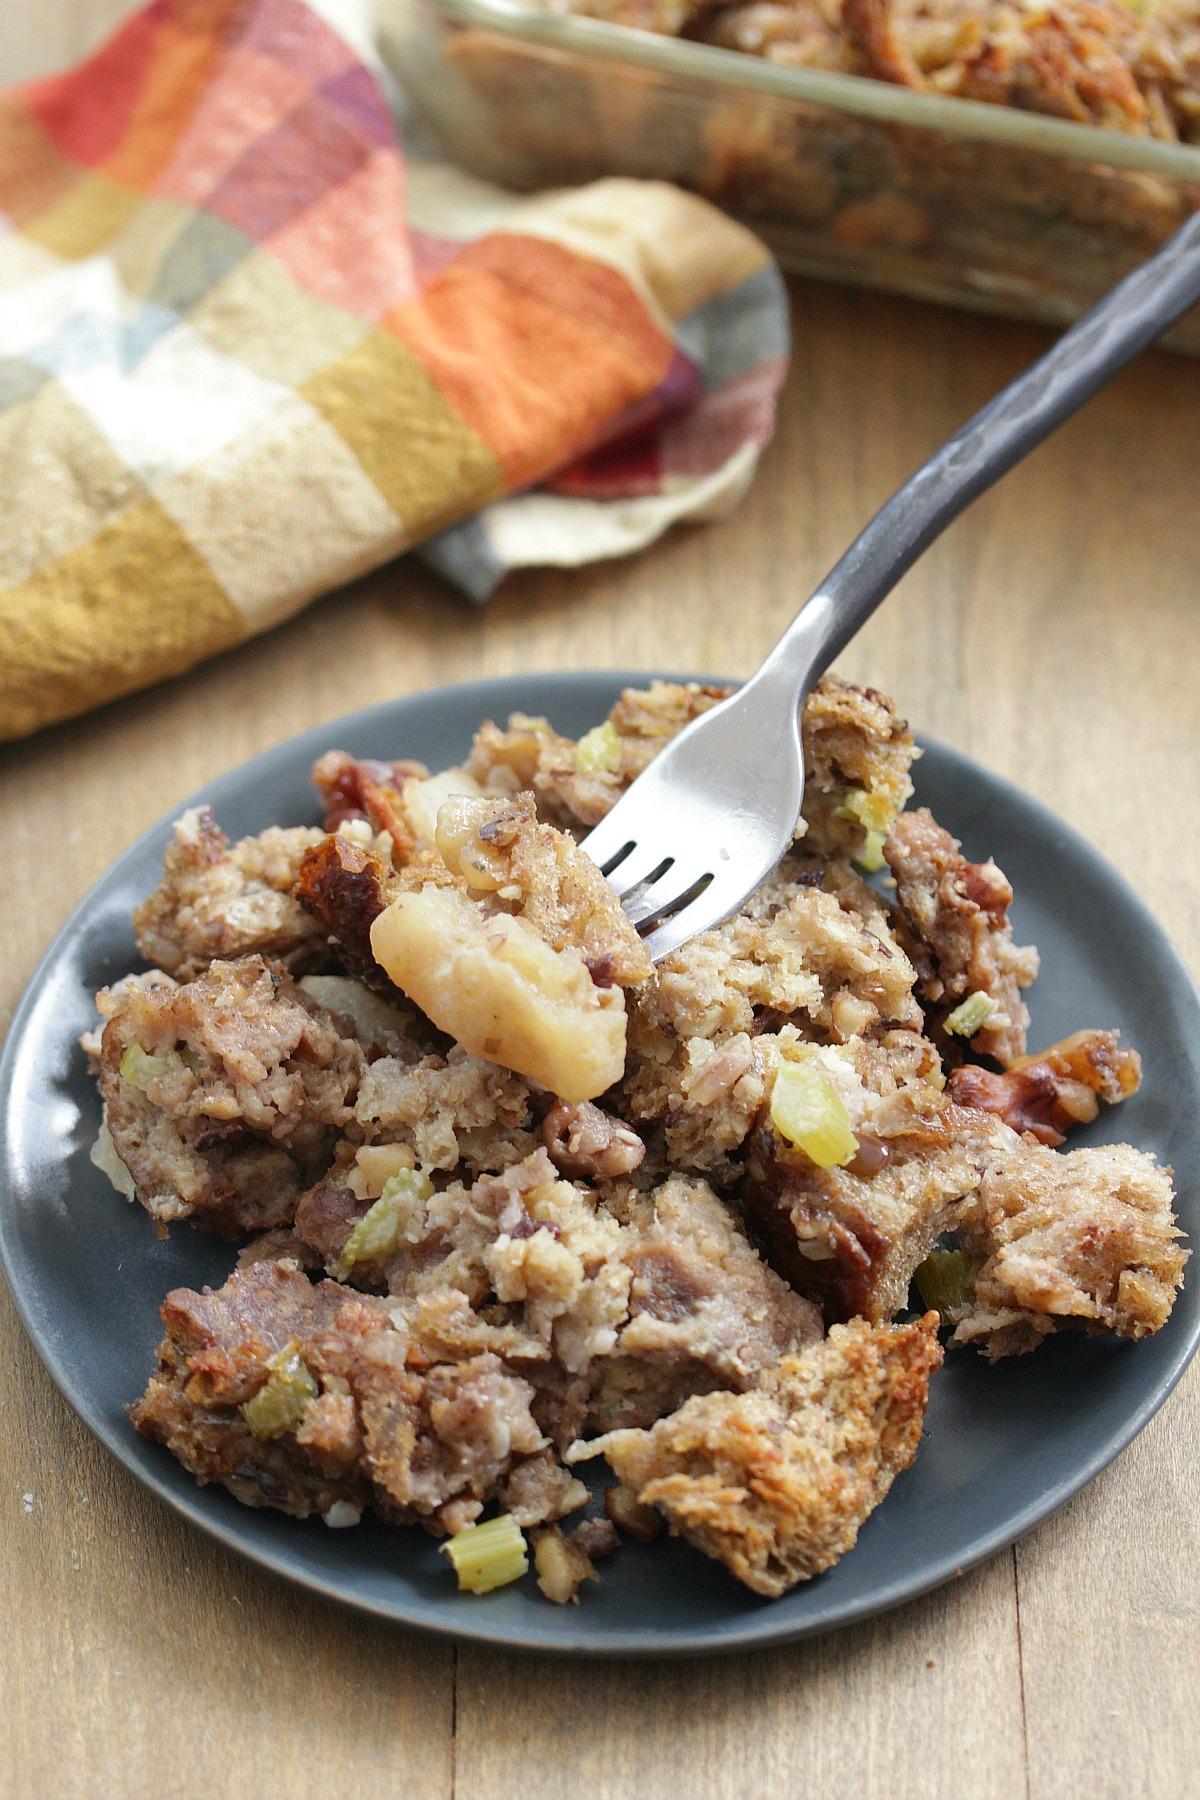 Whole Wheat Apple Walnut Stuffing